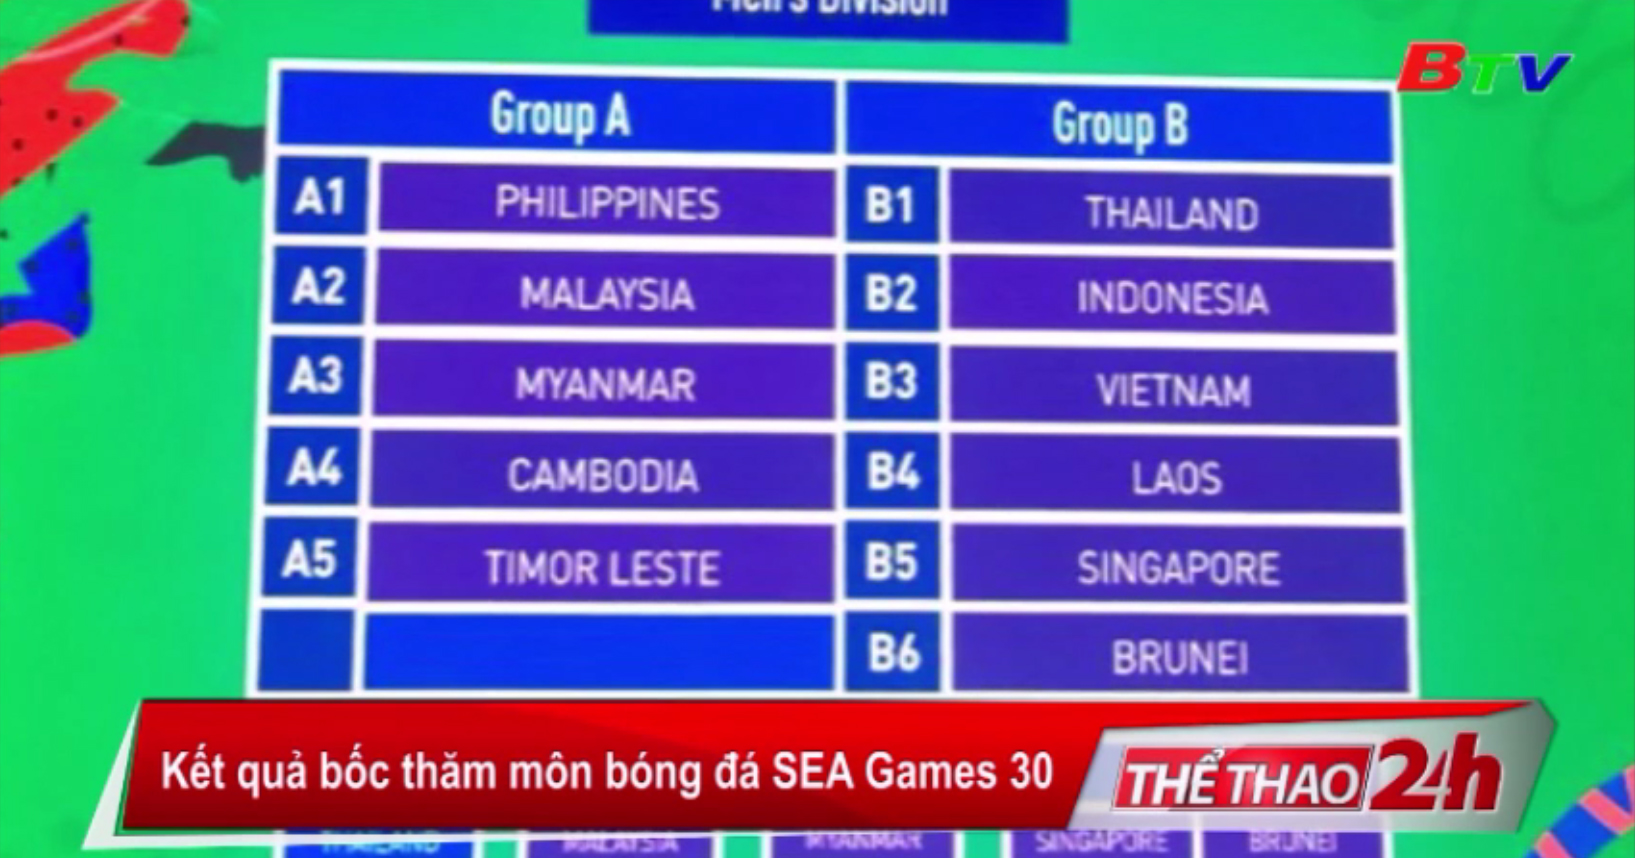 Kết quả bốc thăm môn bóng đá SEA Games 30